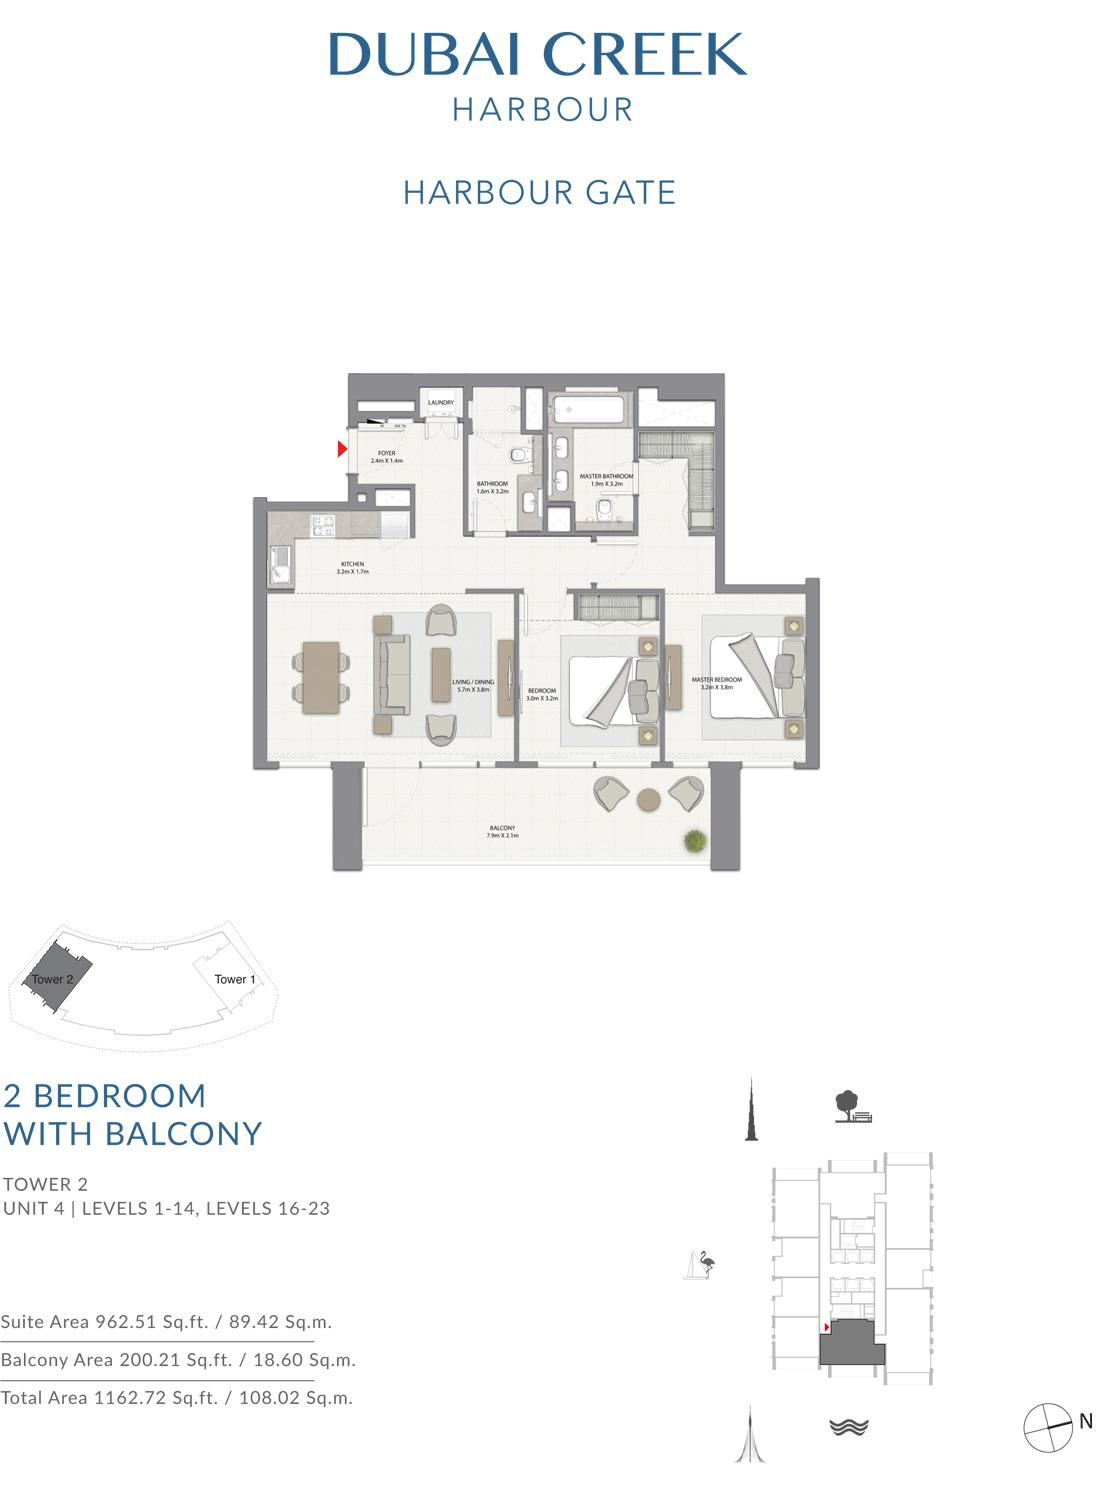 2 Bedroom Tower 2